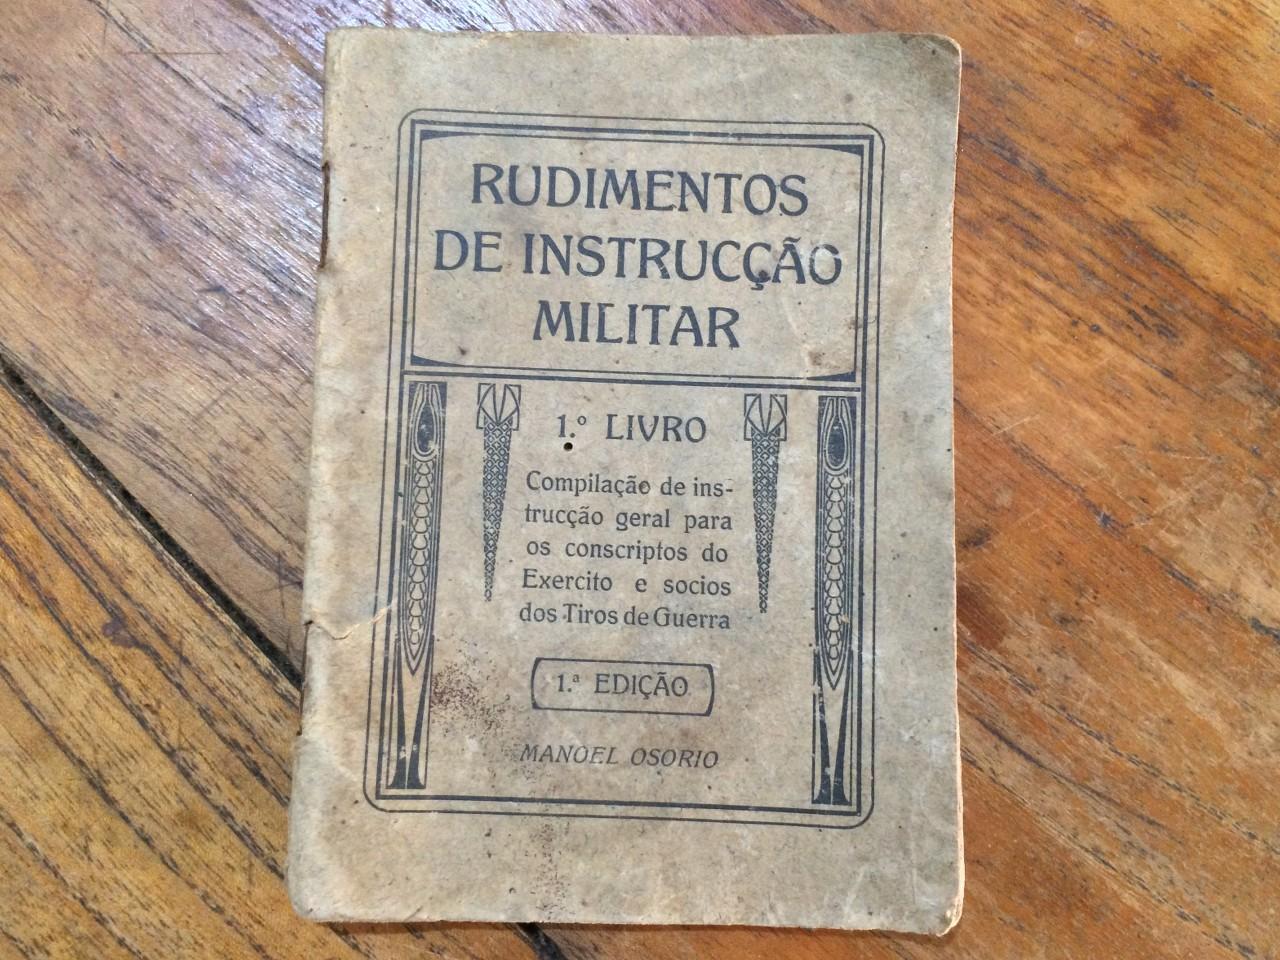 Rudimentos de Instrucção Militar